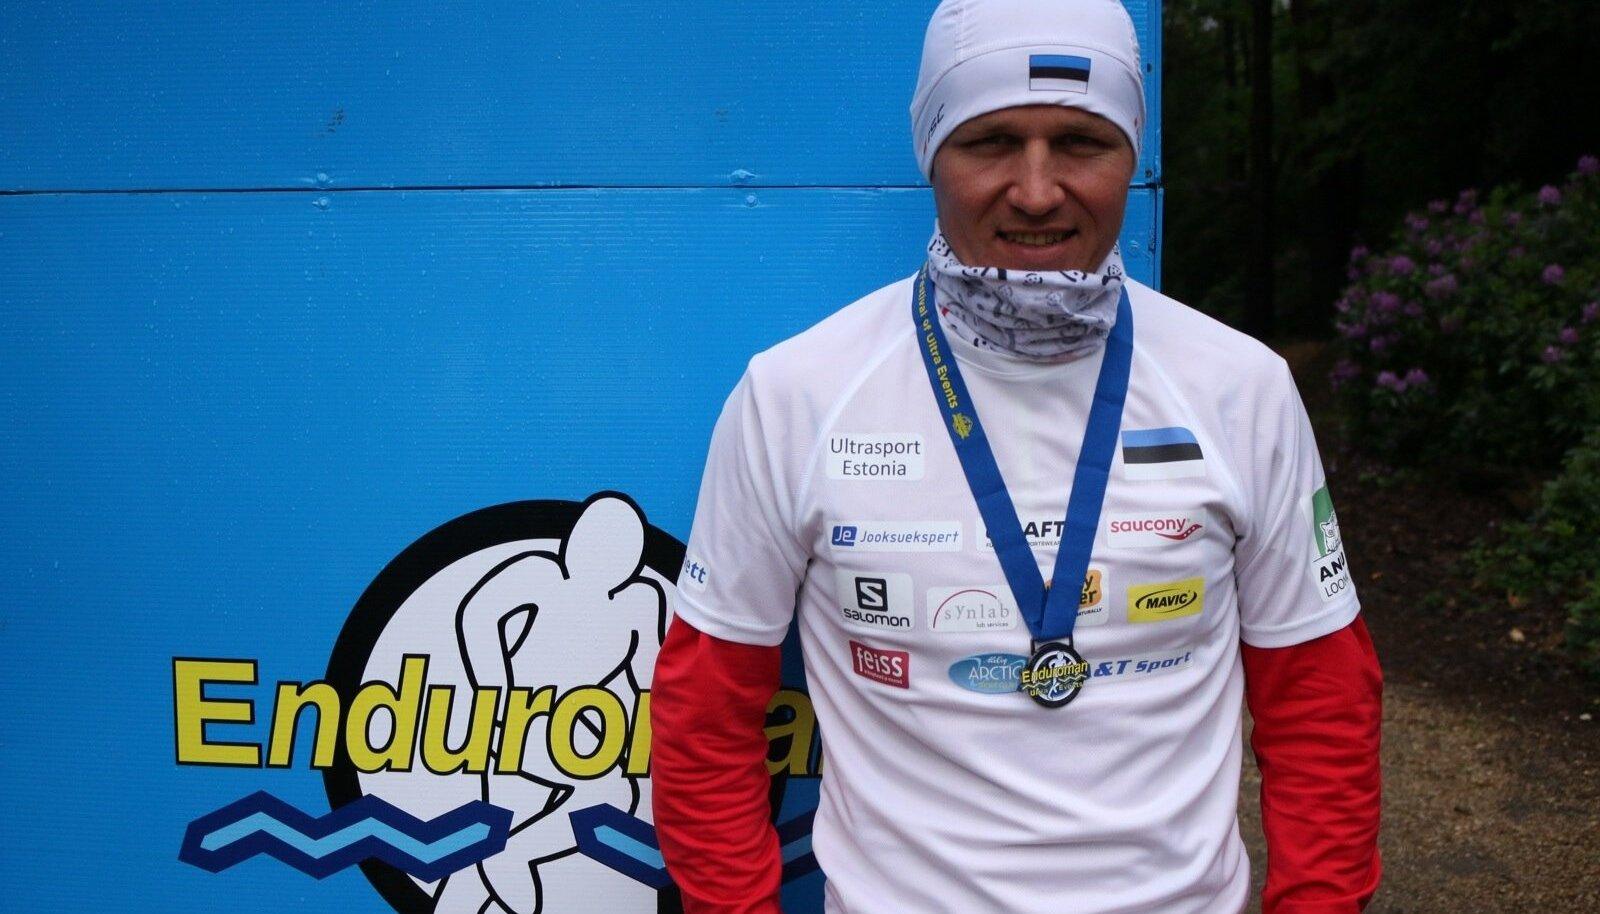 Rait Ratasepp neljakordse distantsi eest saadud Enduromani medaliga.